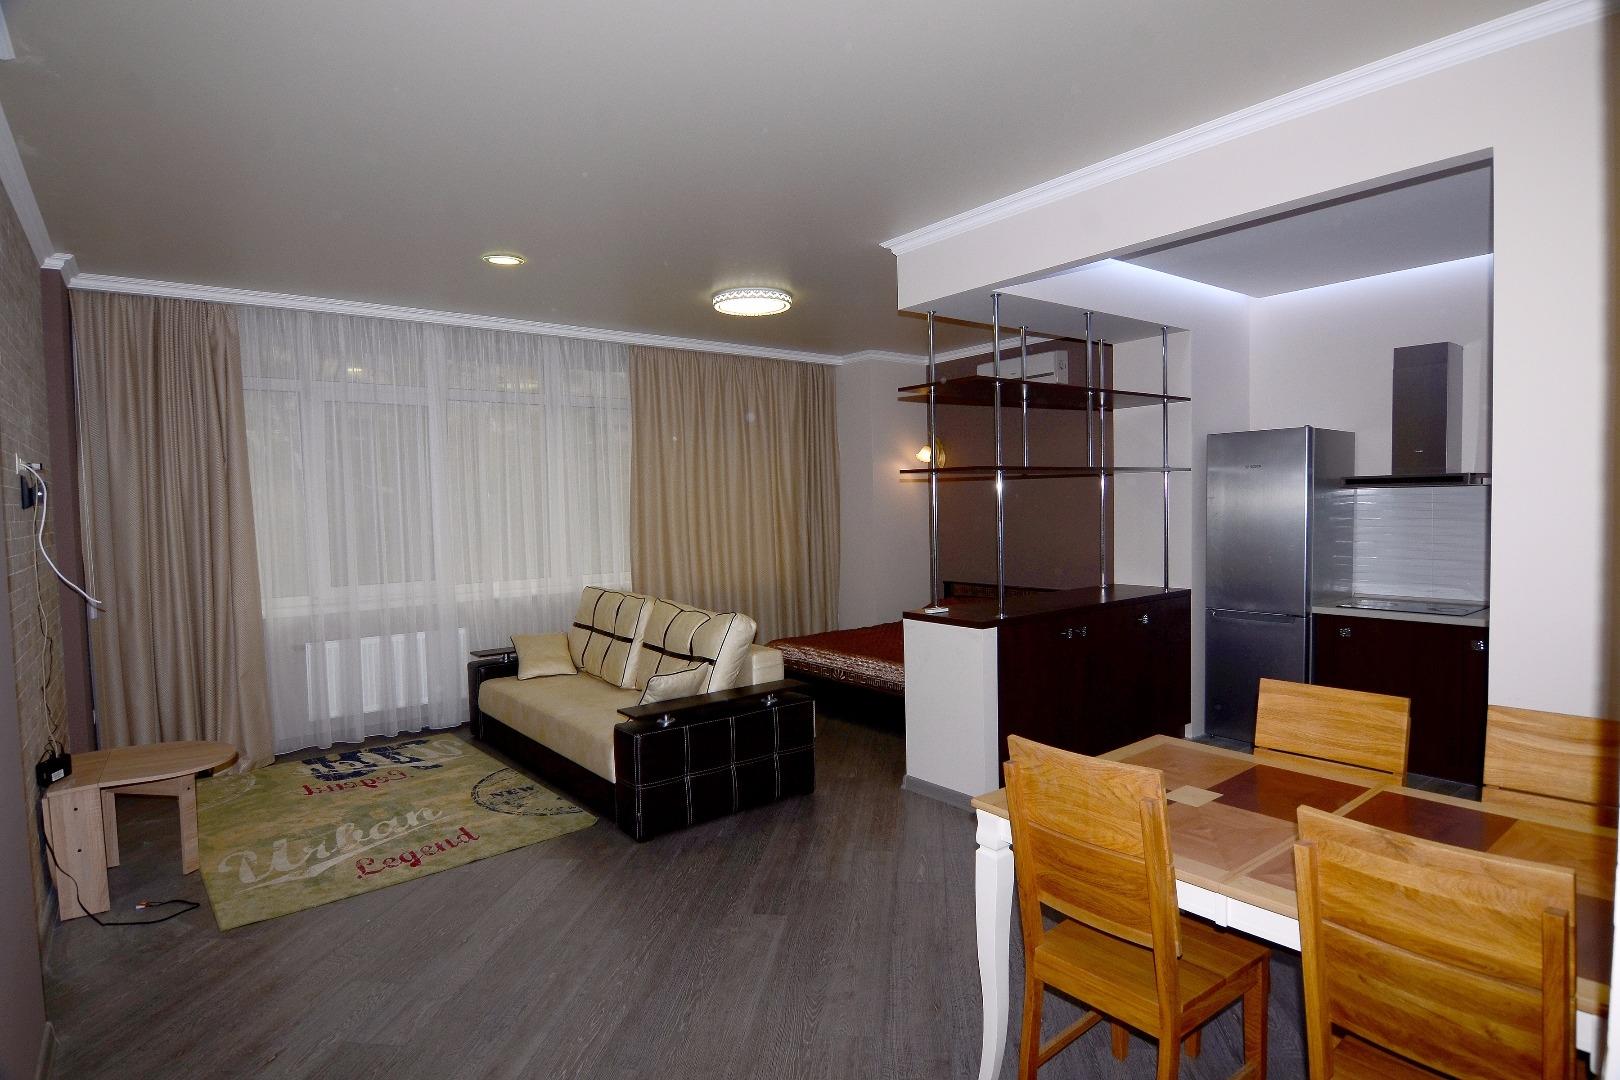 продажа однокомнатной квартиры на улице Гагаринское плато лот 94247